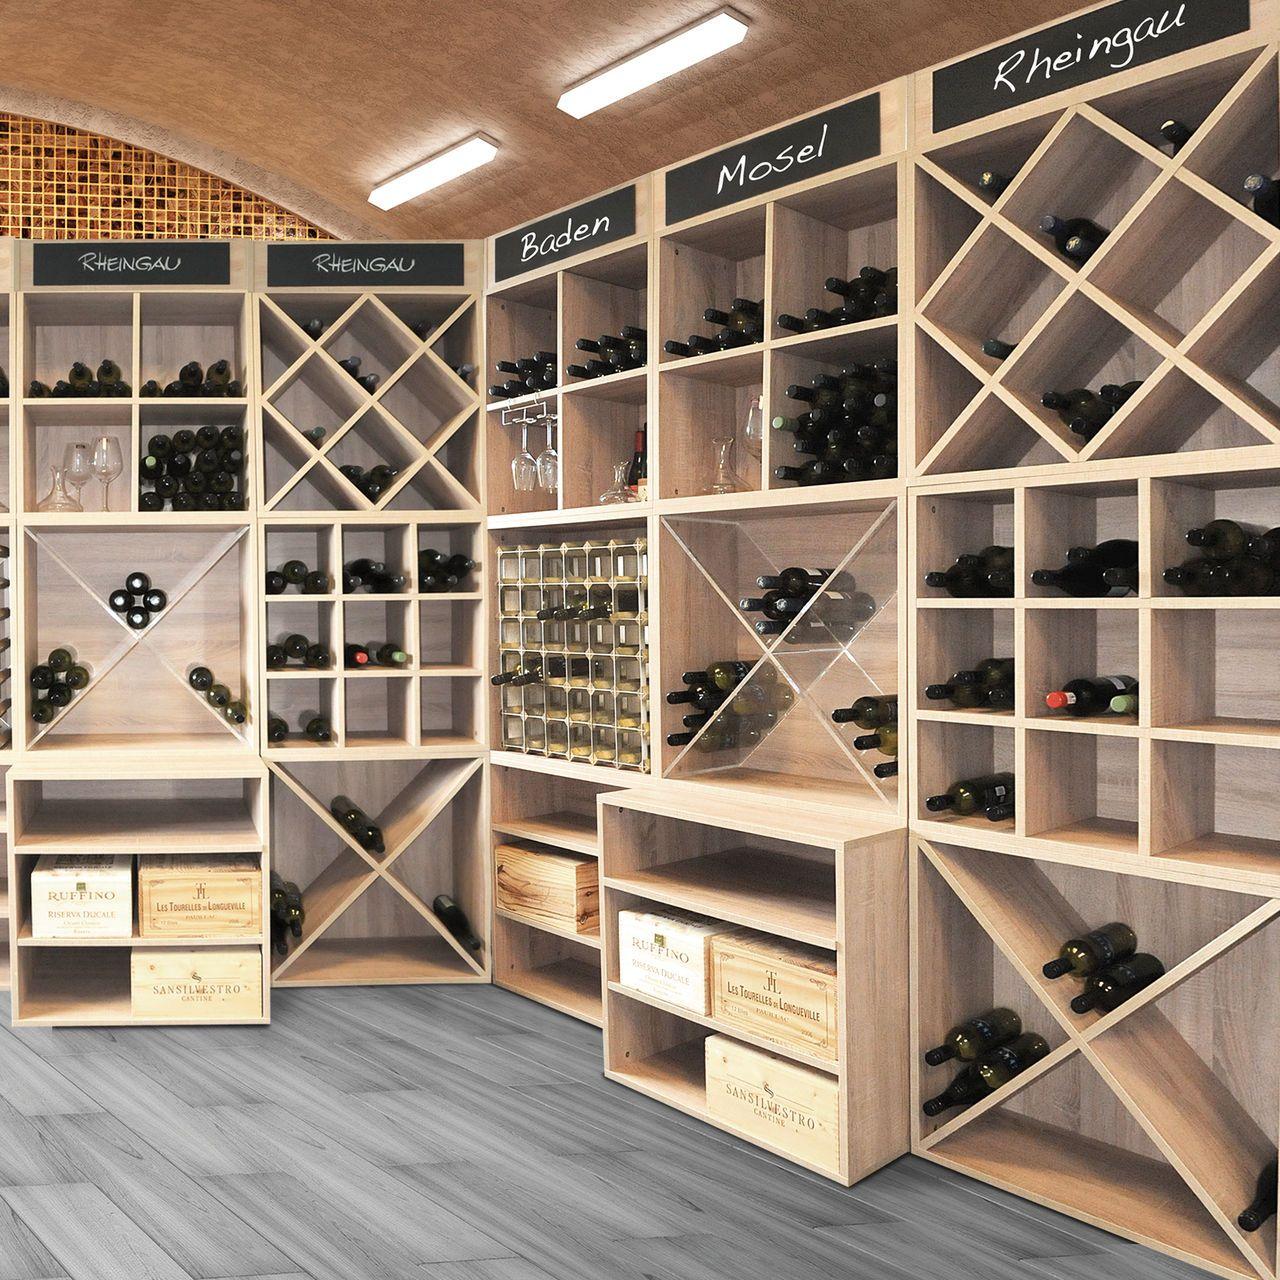 weinregal-system cavepro birnbaum für unendlich viele ... - Weinregal Design Idee Wohnung Modern Bilder